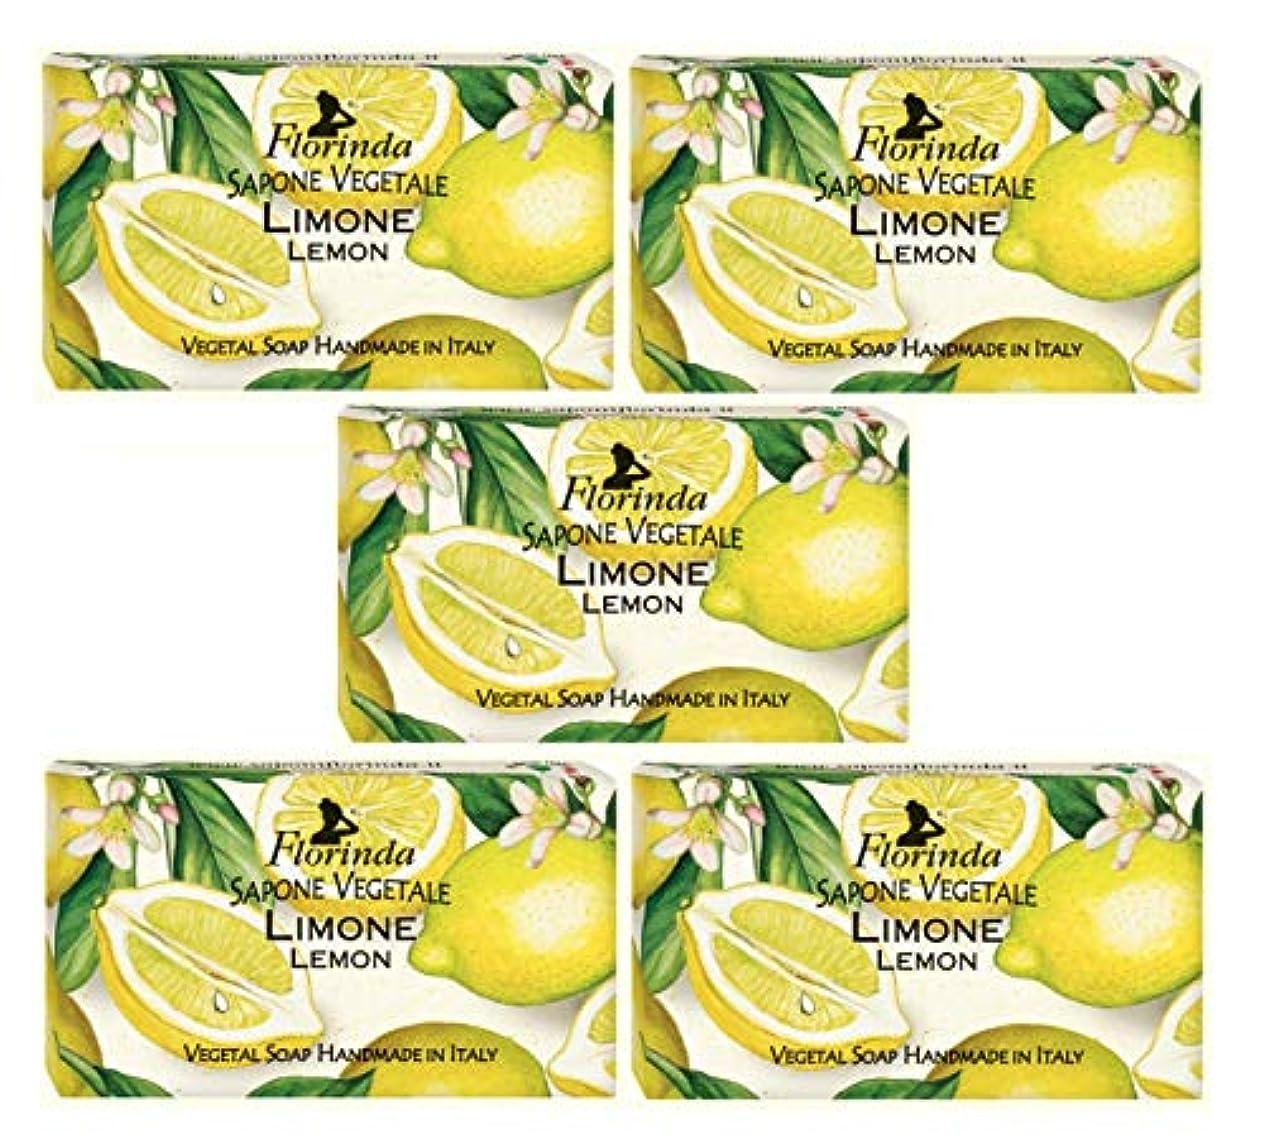 覚醒ジェスチャー受け入れたフロリンダ フレグランスソープ 固形石けん フルーツの香り レモン 95g×5個セット